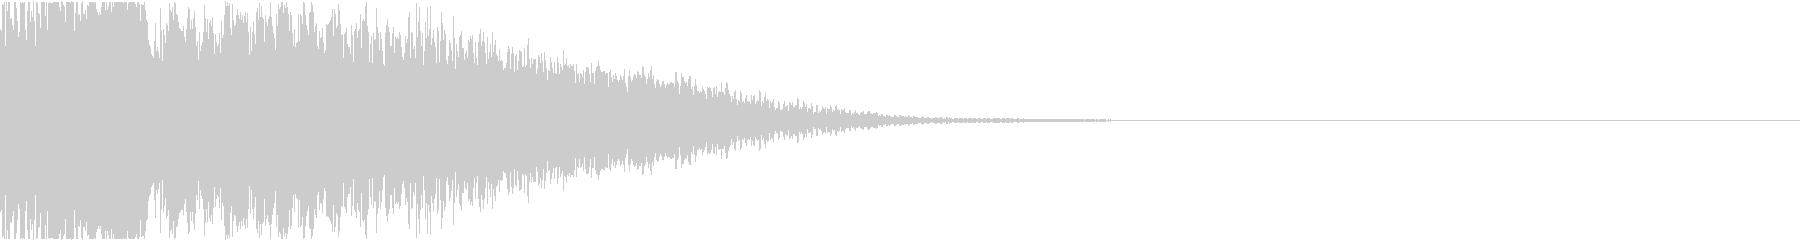 攻撃 スマッシュ シャキーン 魔法 04の未再生の波形